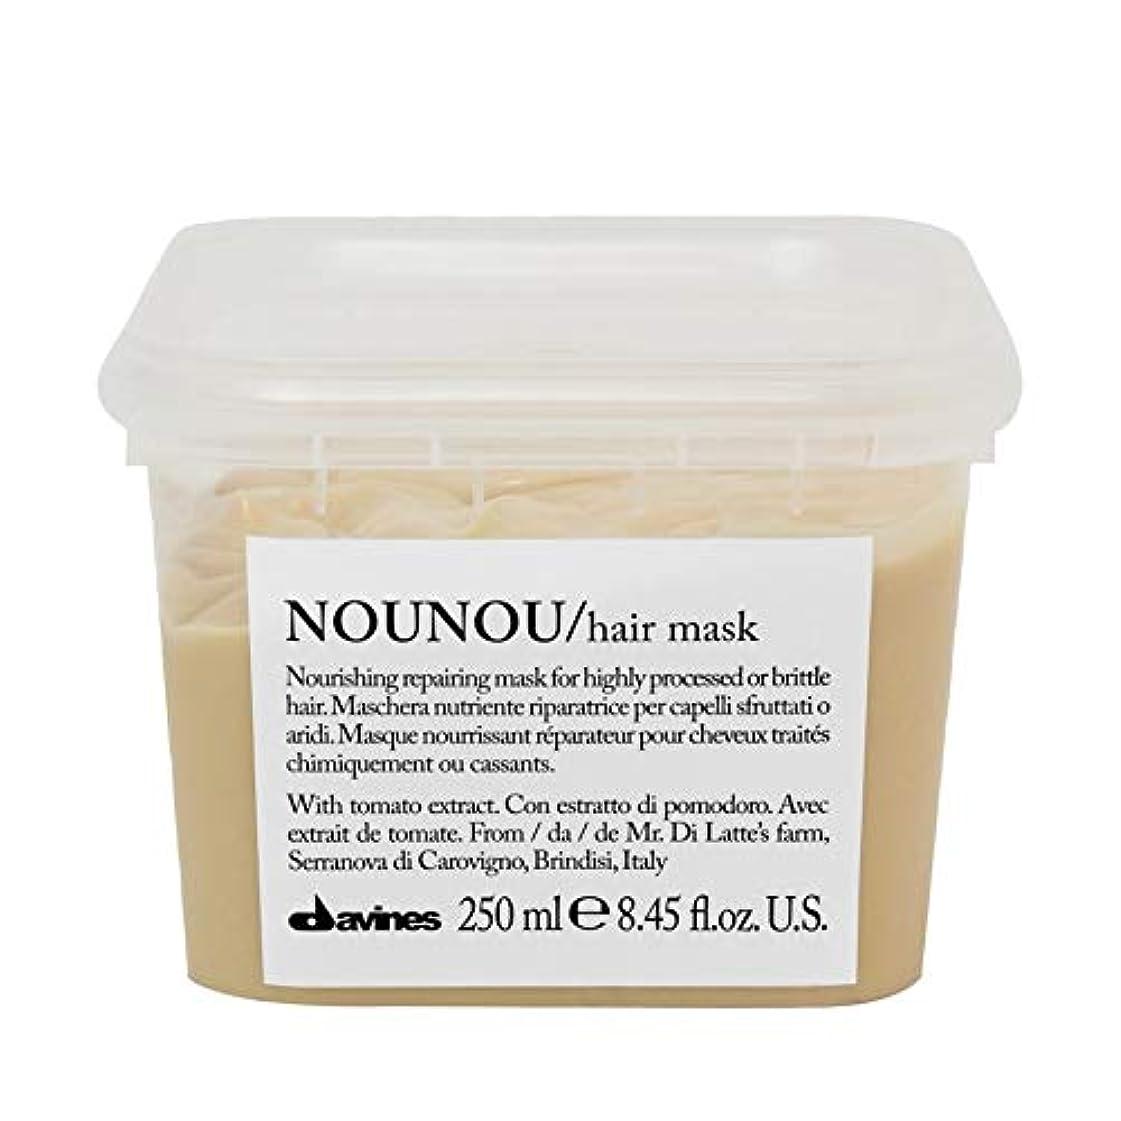 珍味有利なぜなら[Davines ] ヘアマスク250ミリリットルノウノウダヴィネス - Davines Nounou Hair Mask 250ml [並行輸入品]